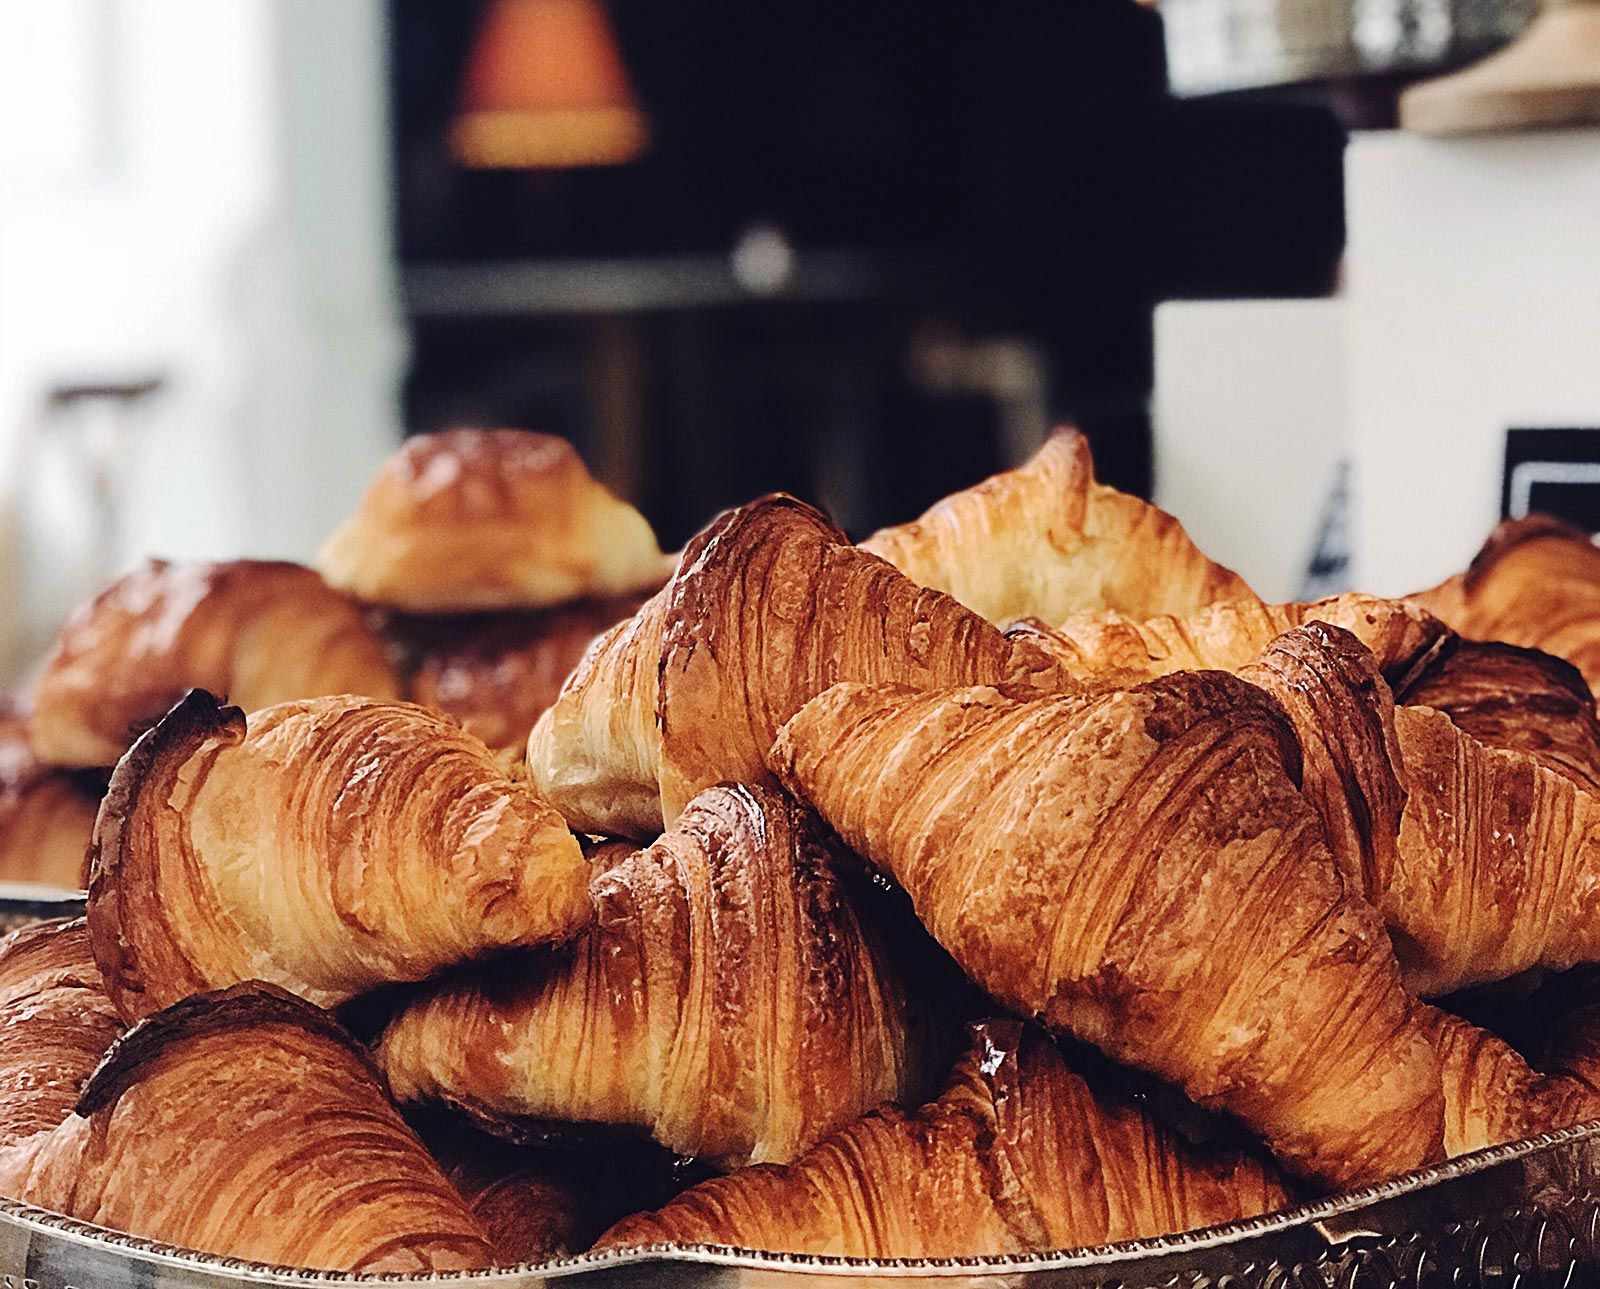 Il croissant, rispetto al connetto, ha una superficie più friabile e l'interno con un rapporto vuoto/pieno molto più elevato del cornetto.